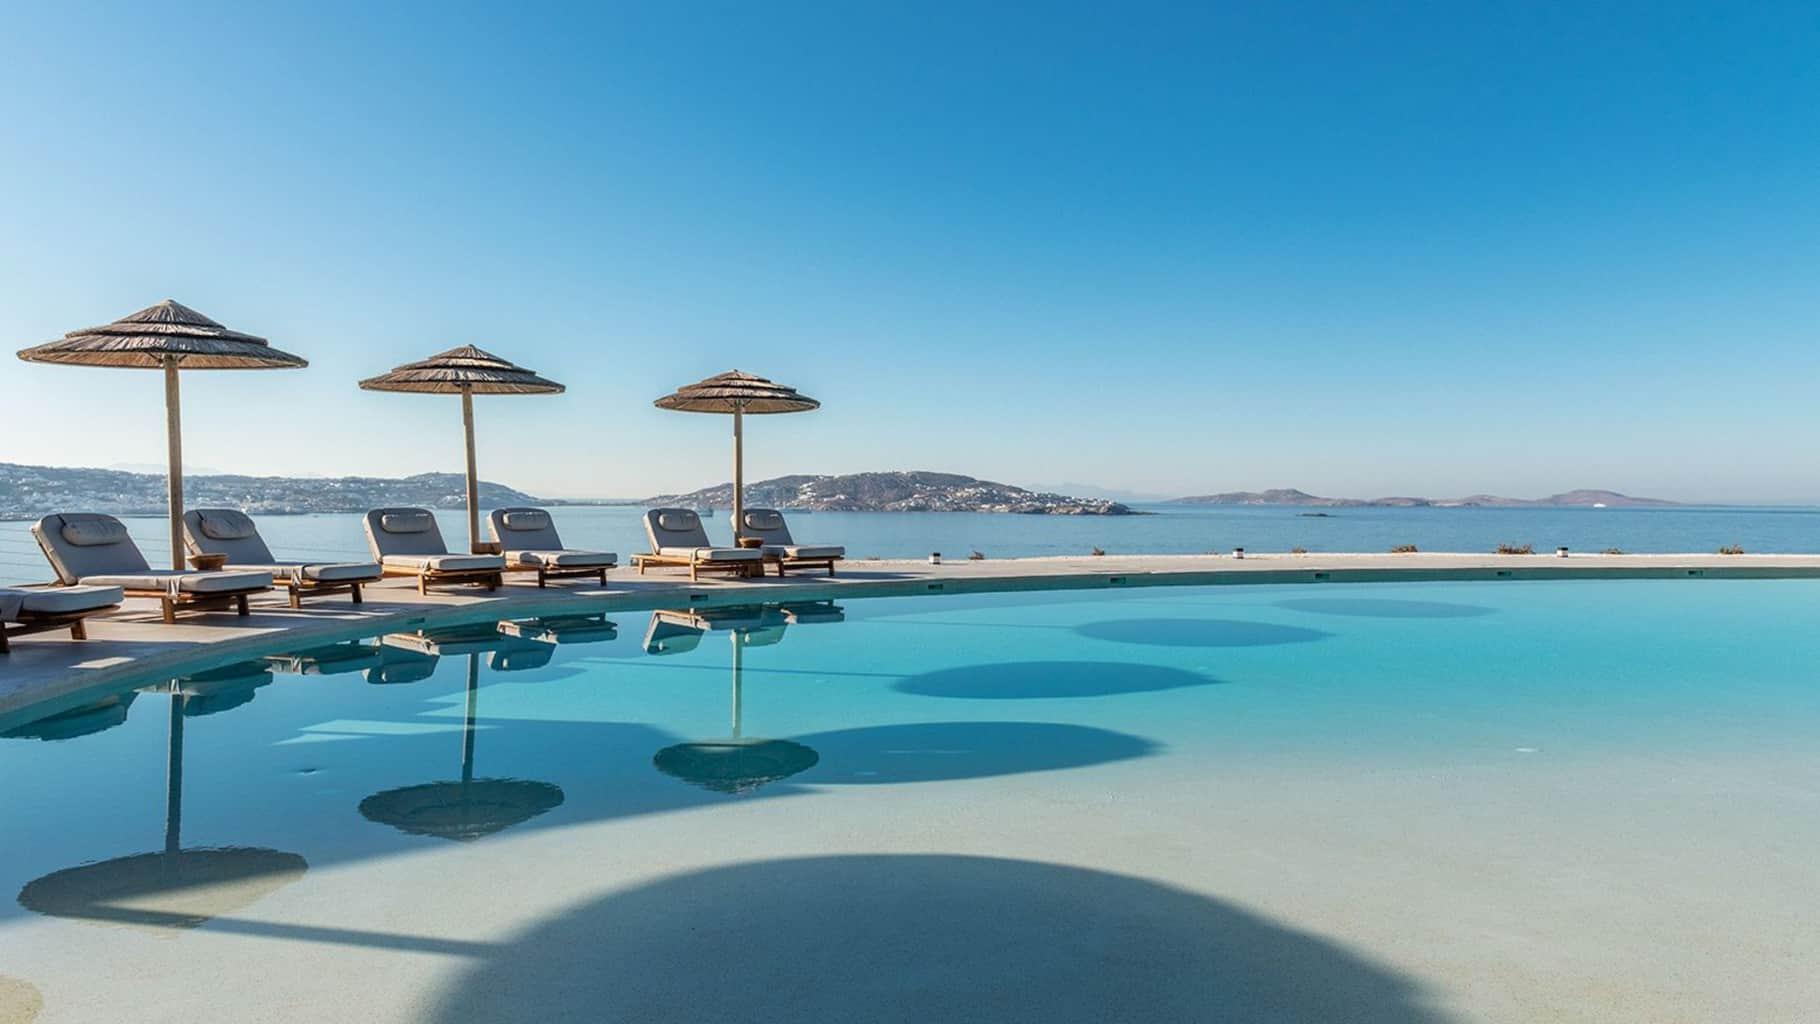 Pacha Group to Open New Resort, Destino Pacha Mykonos